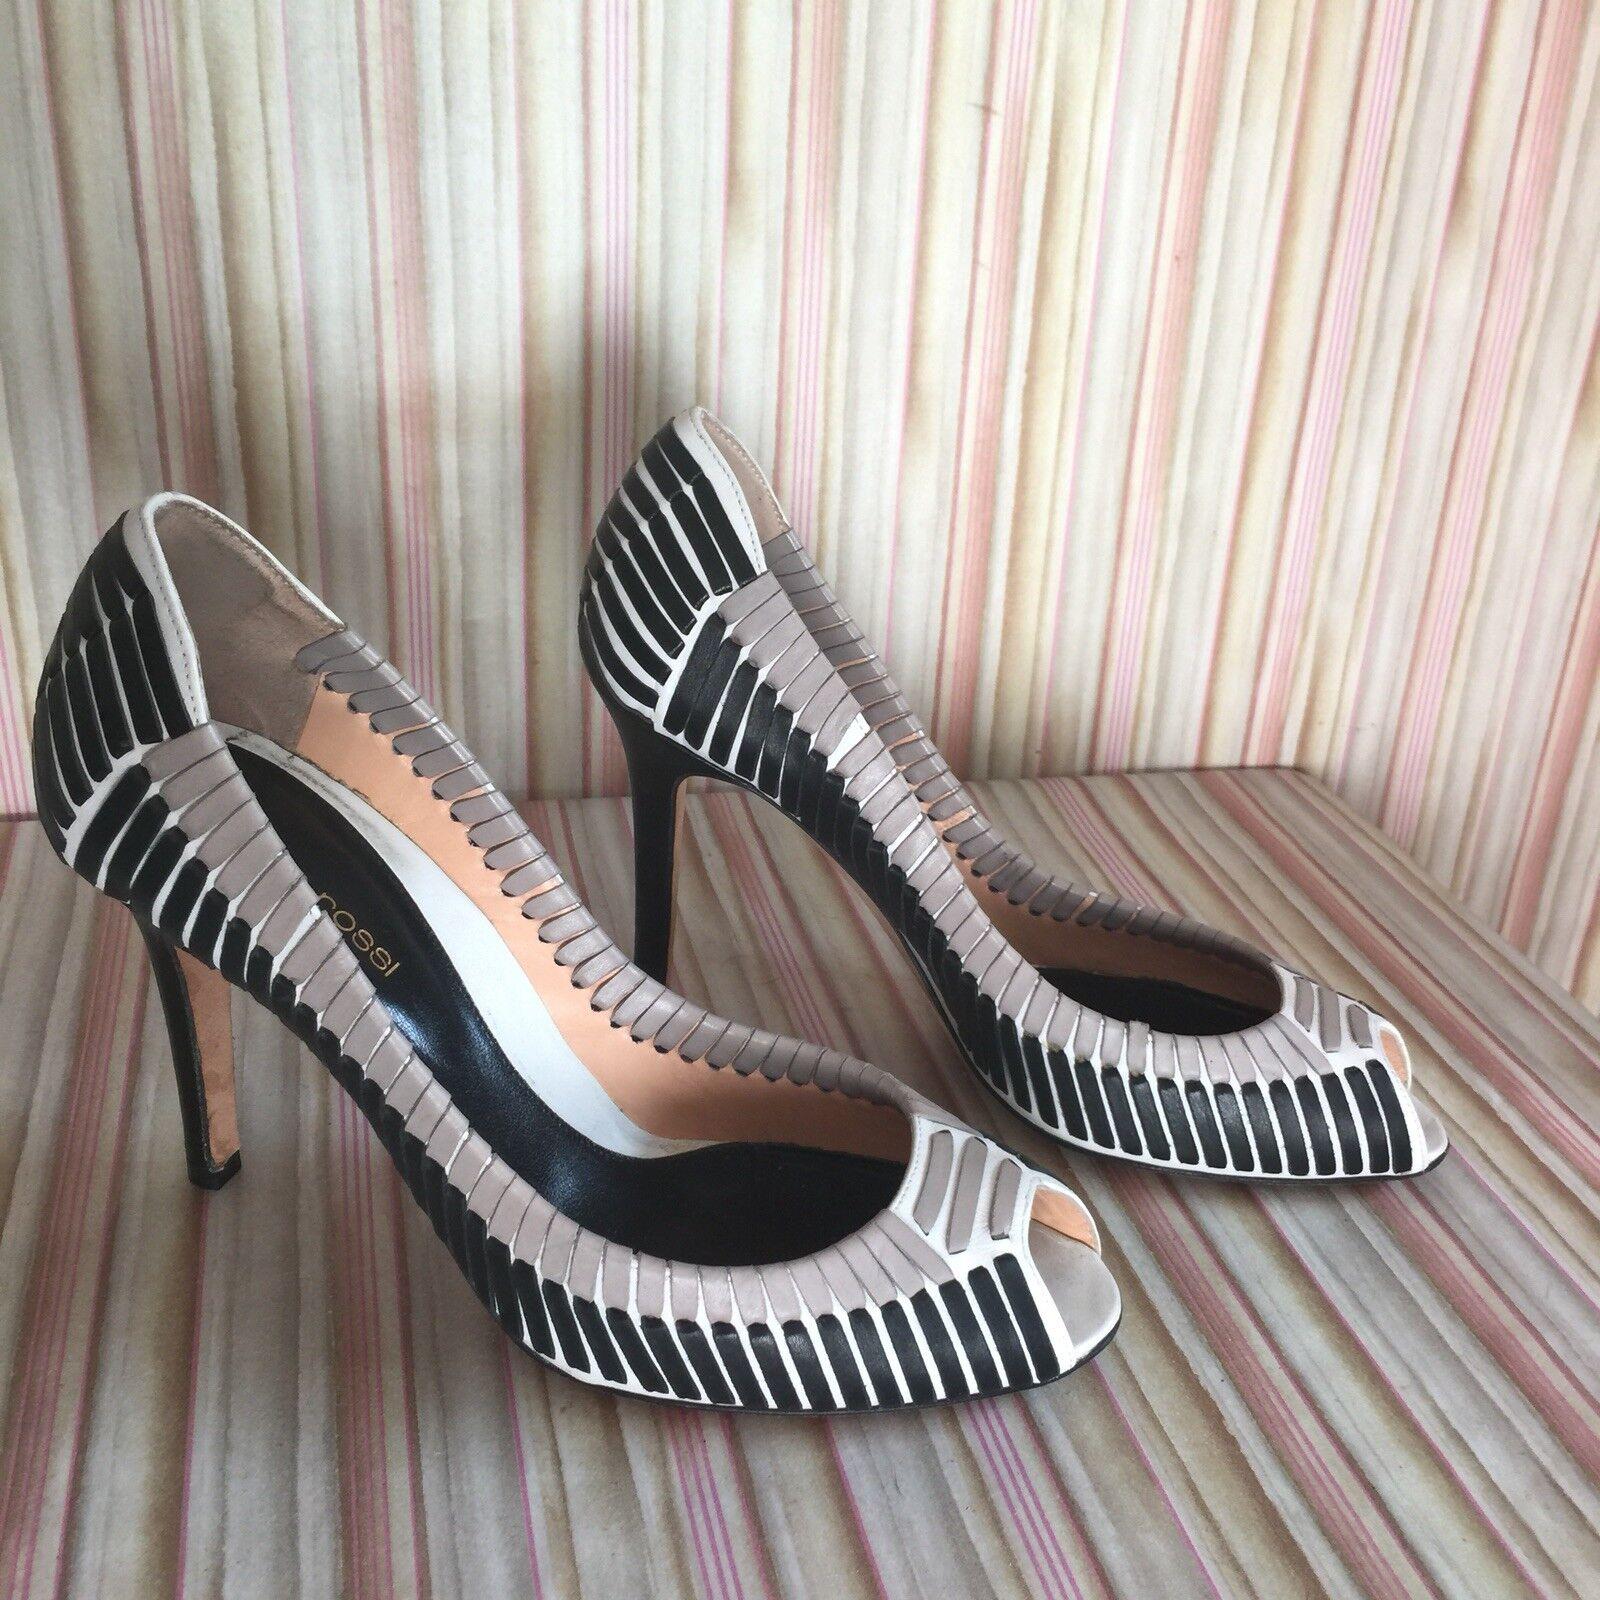 Sergio Rossi blancooo gris Negro de Cuero Tejido Tejido Tejido de punto de Puntera abierta Tacones Zapatos De Salón 7.5-37.5  distribución global